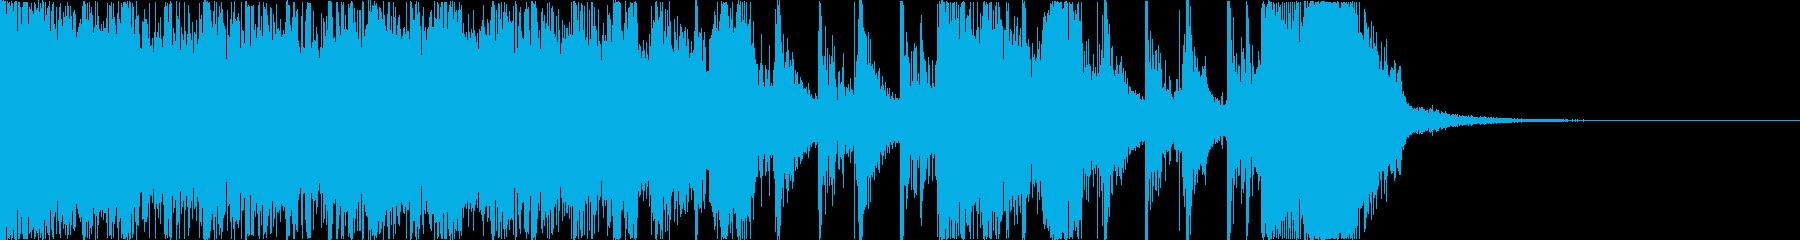 元気の出るロック調イントロの再生済みの波形